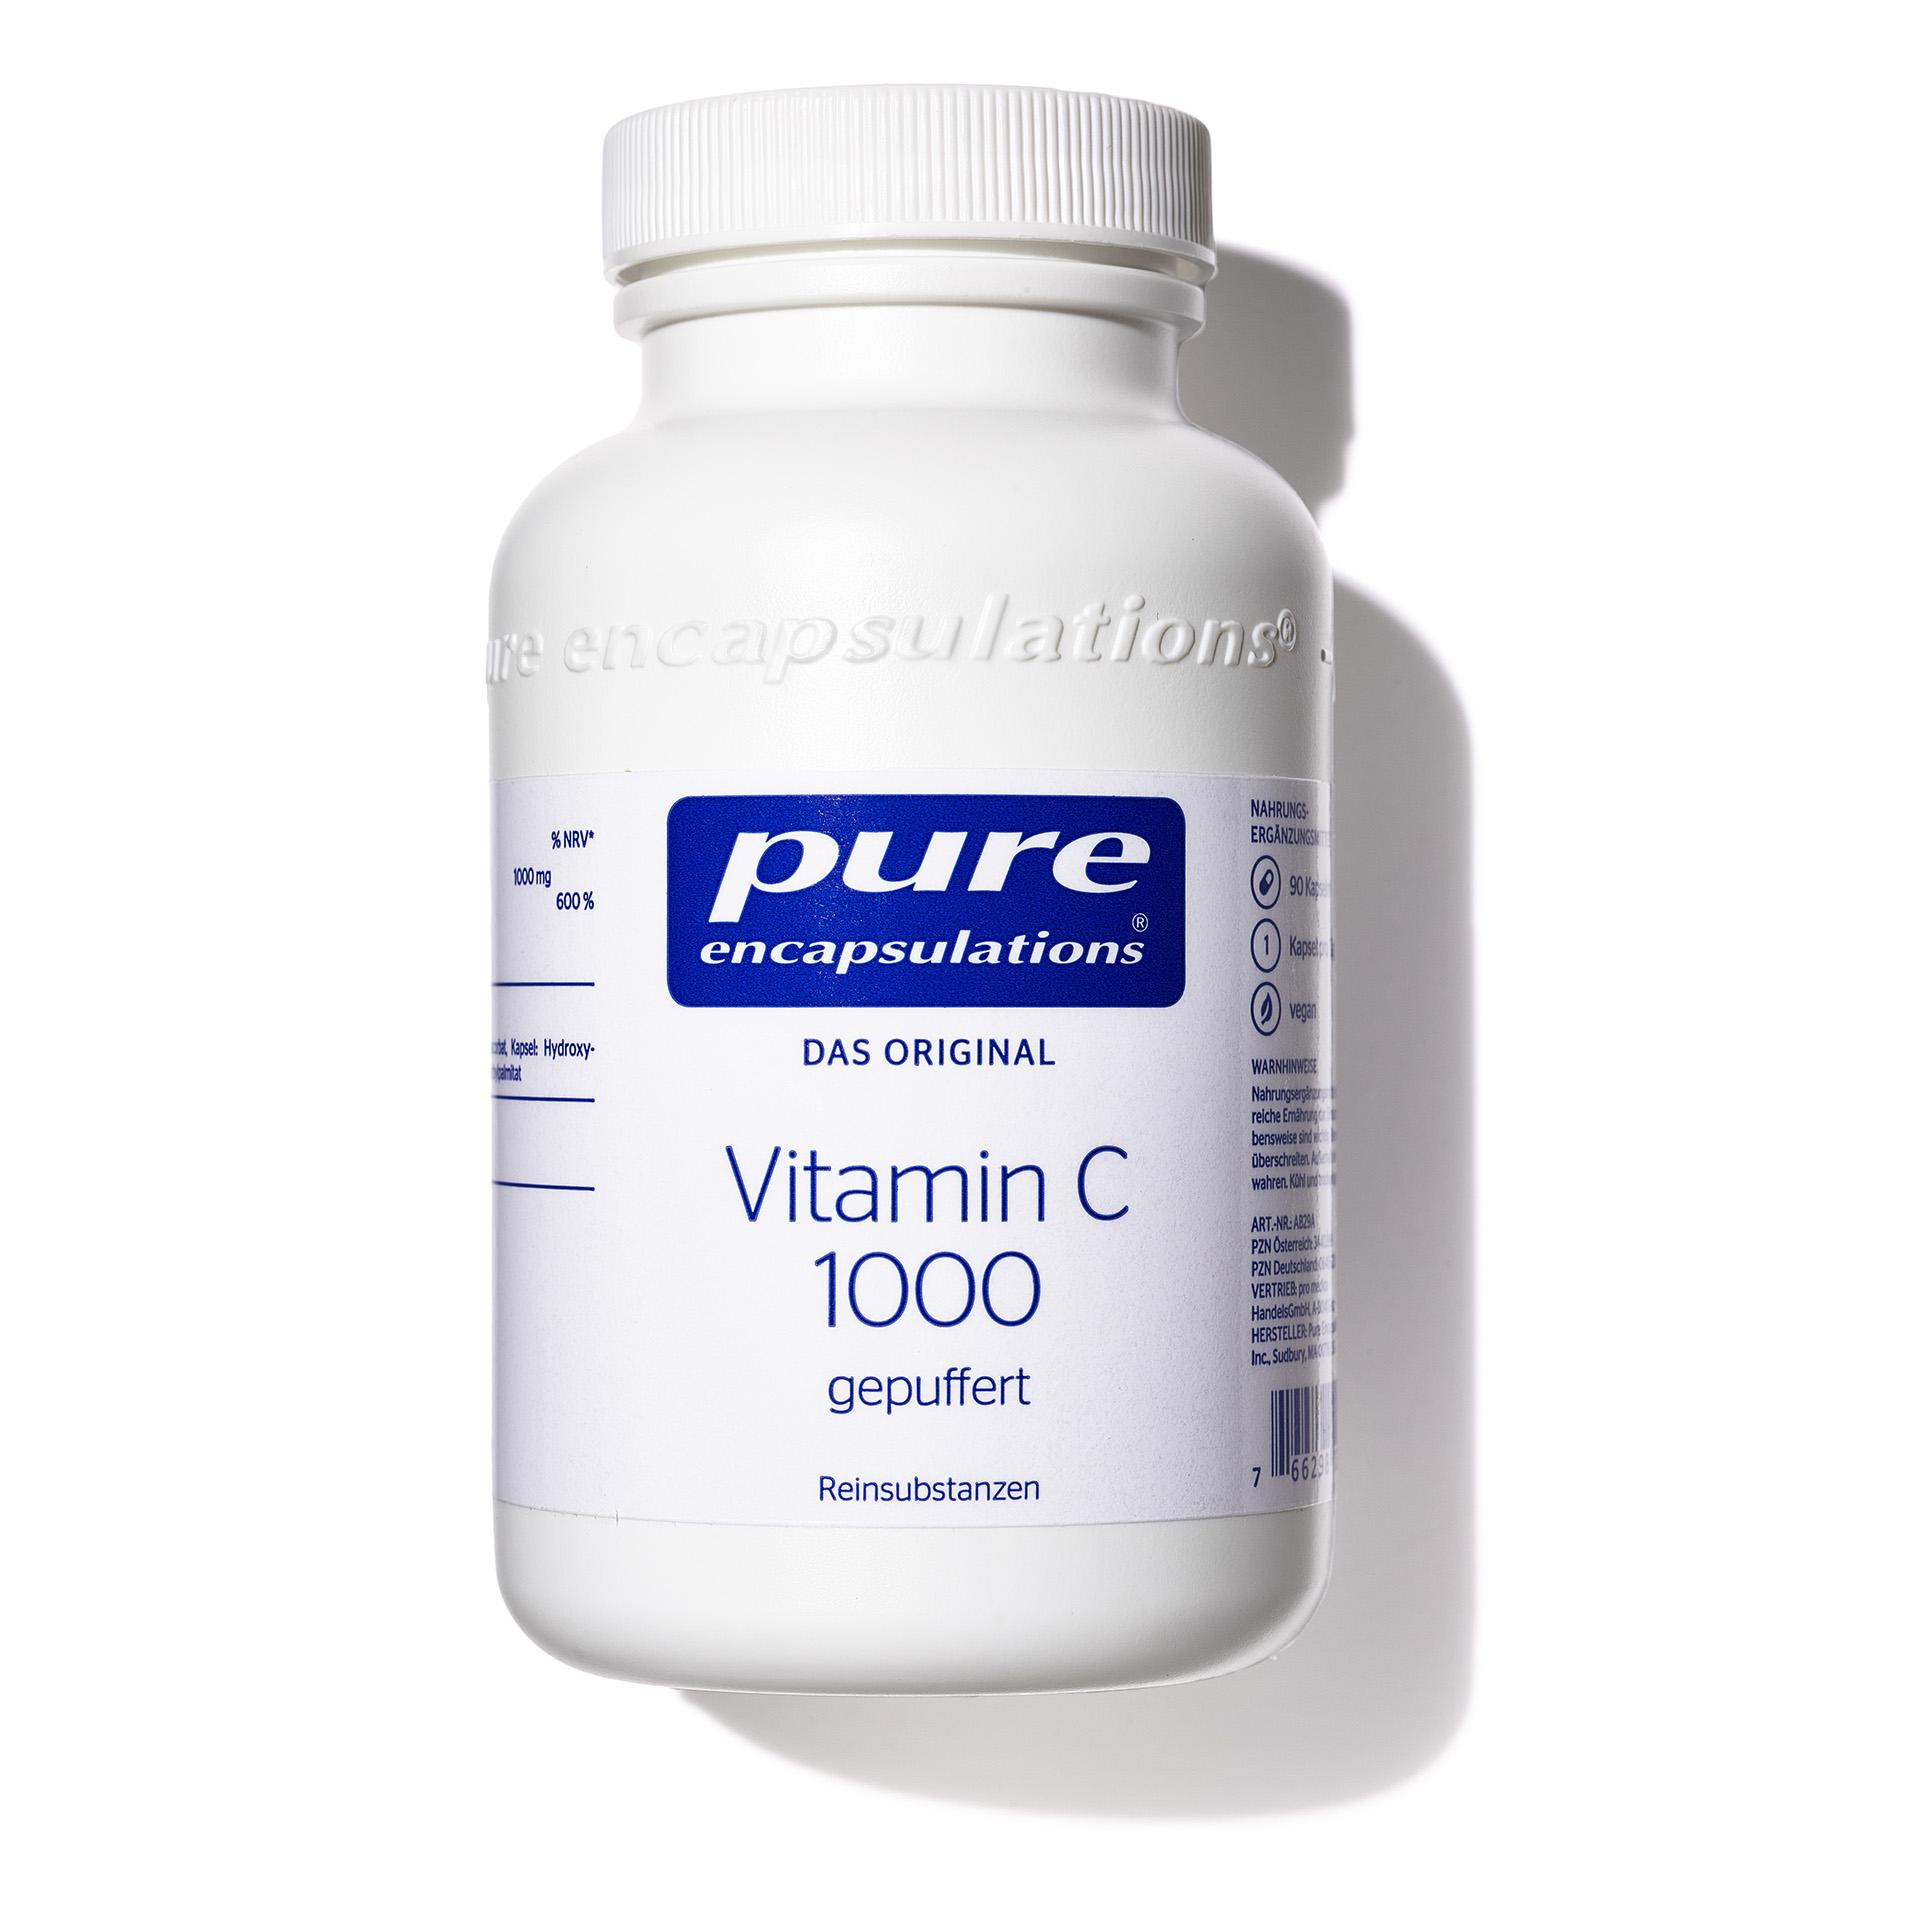 Pure Vitamin C 1000 VIVAMAYR